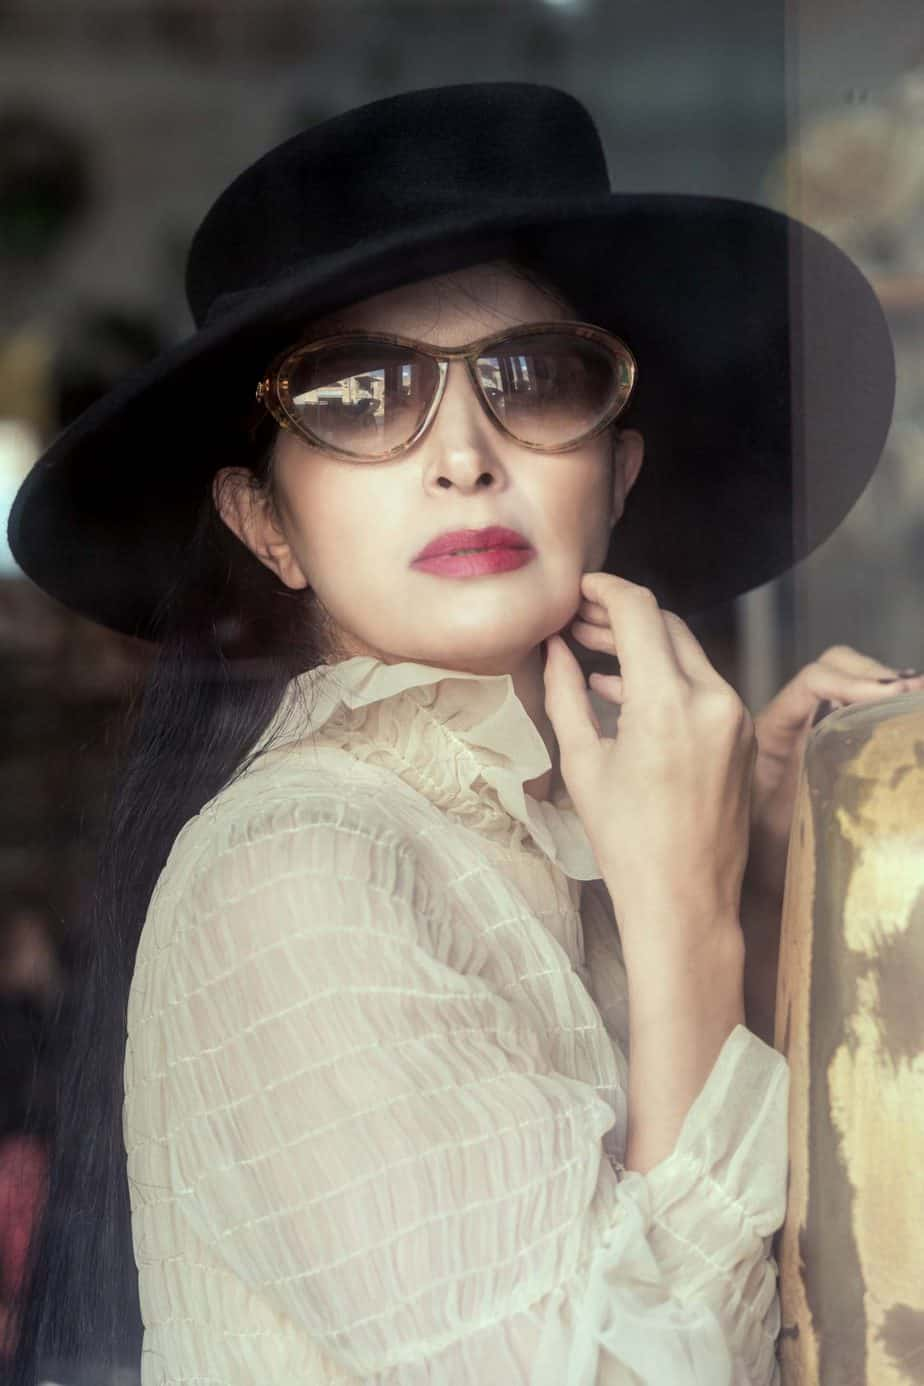 כובע Elizabeth Taylor, משקפיים Christian - grace kelly. מאיה אושרי כהן, צילום: Gennadiy Tsodik, אופנה במנהרת הזמן, לוני ויטג׳ -